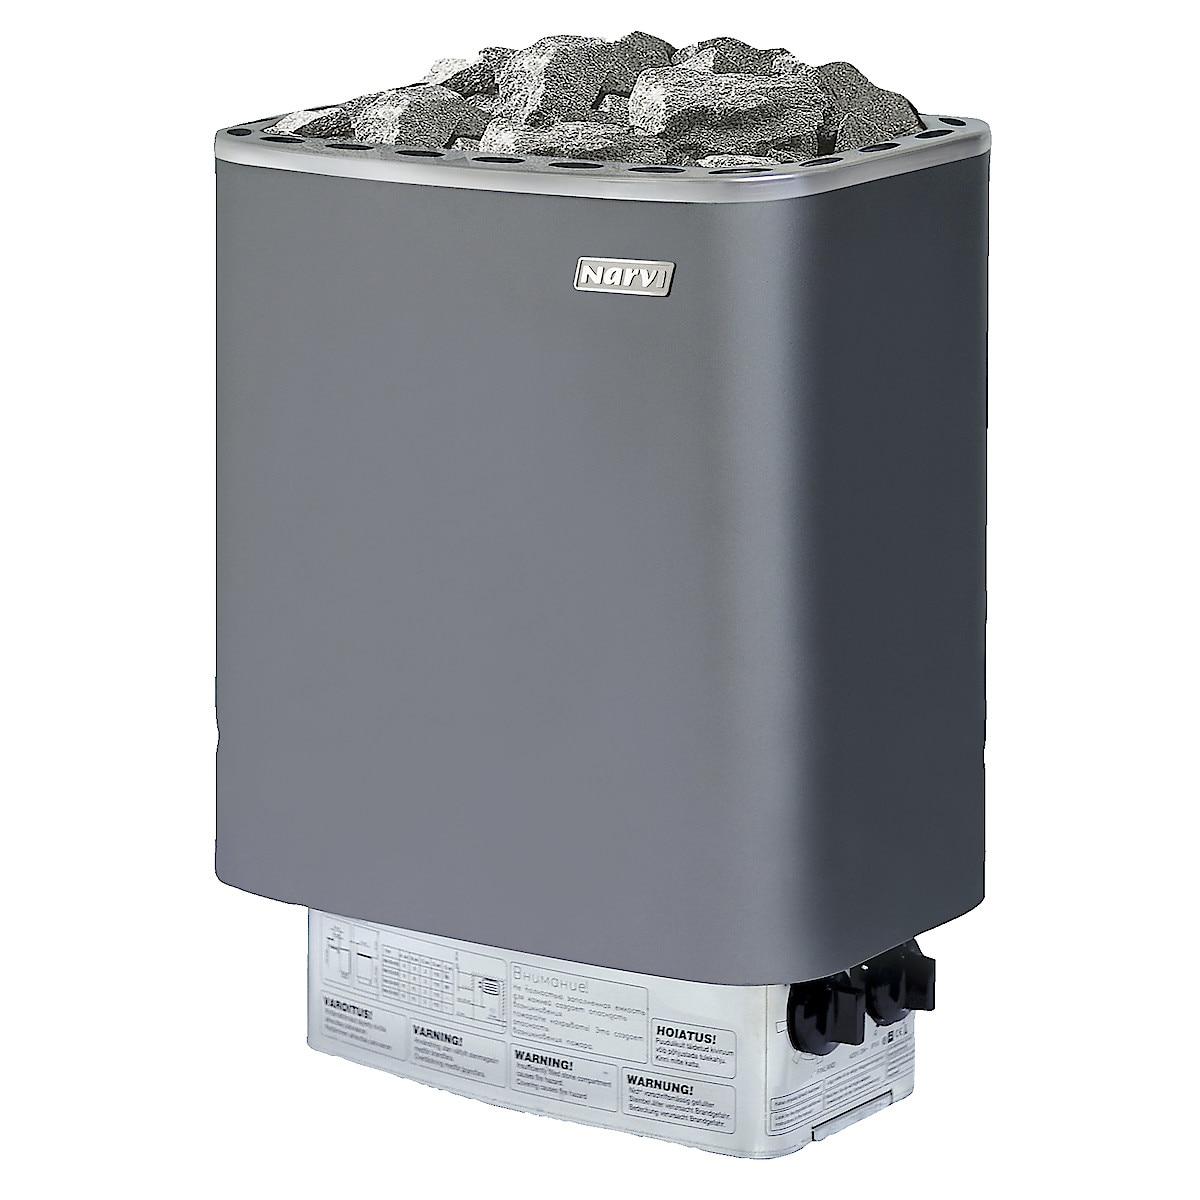 Bastuaggregat Narvi NM 900 9 kW